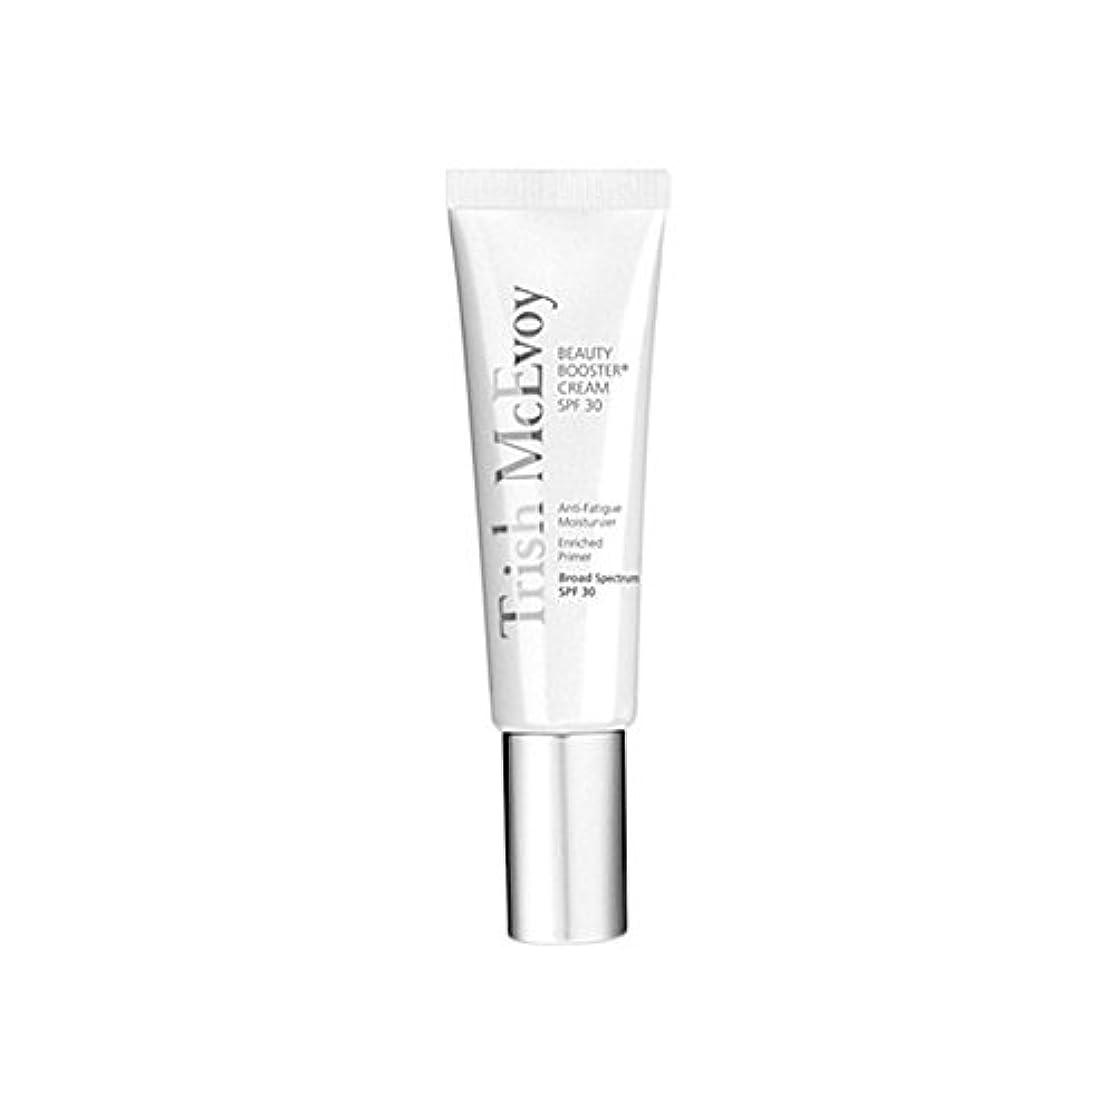 地球普及溶けるTrish Mcevoy Beauty Booster Cream Spf 30 55ml (Pack of 6) - トリッシュ?マクエボイの美しブースタークリーム 30 55ミリリットル x6 [並行輸入品]